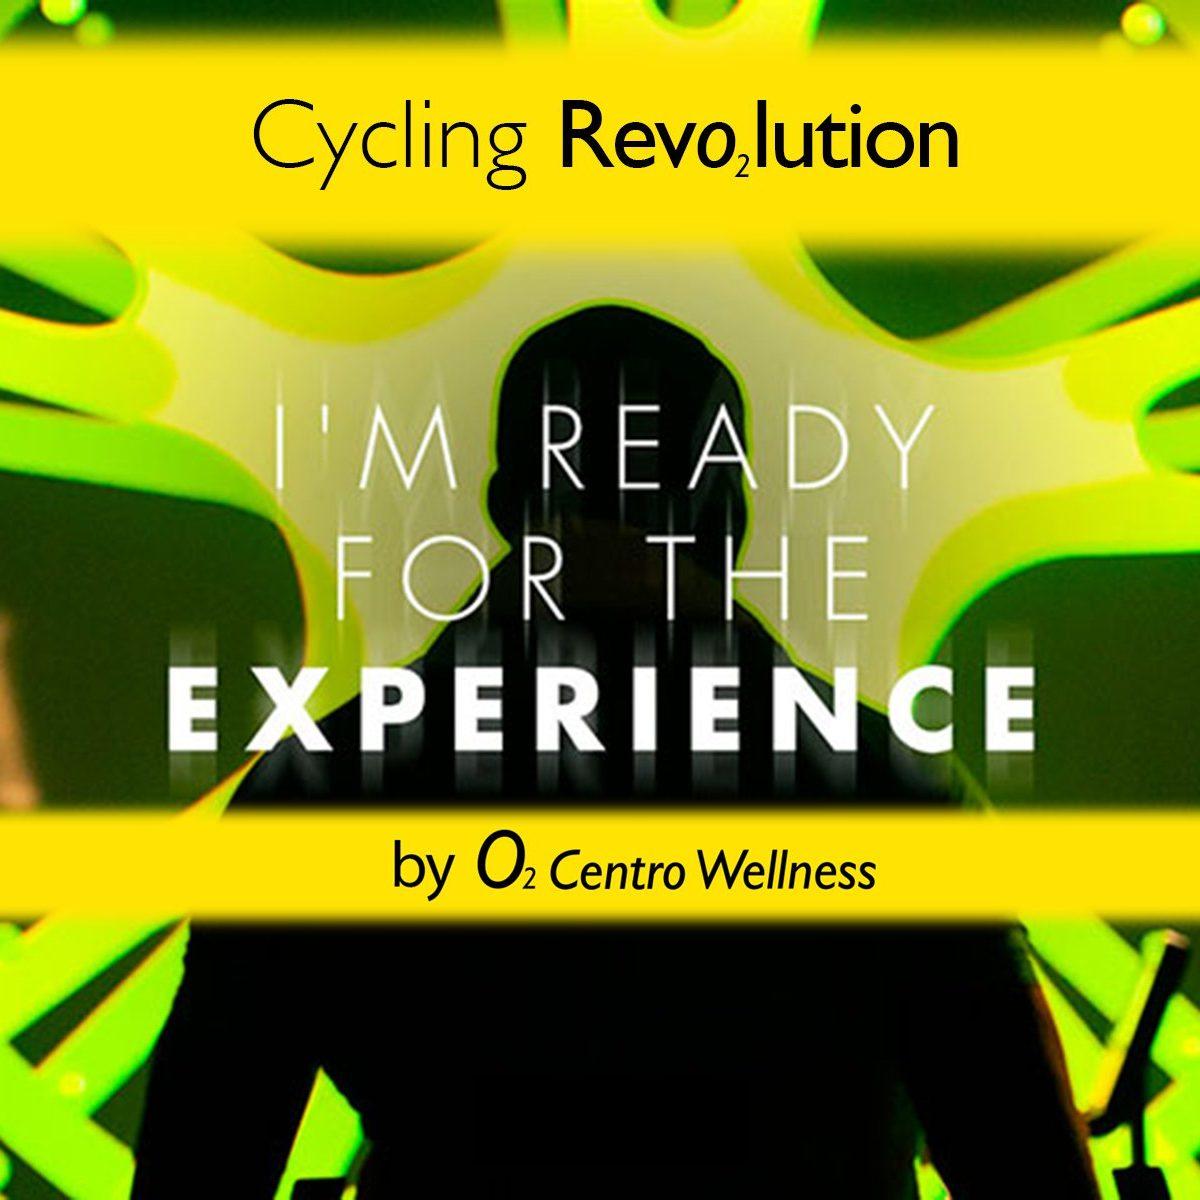 Cycling revolution - spinning granada